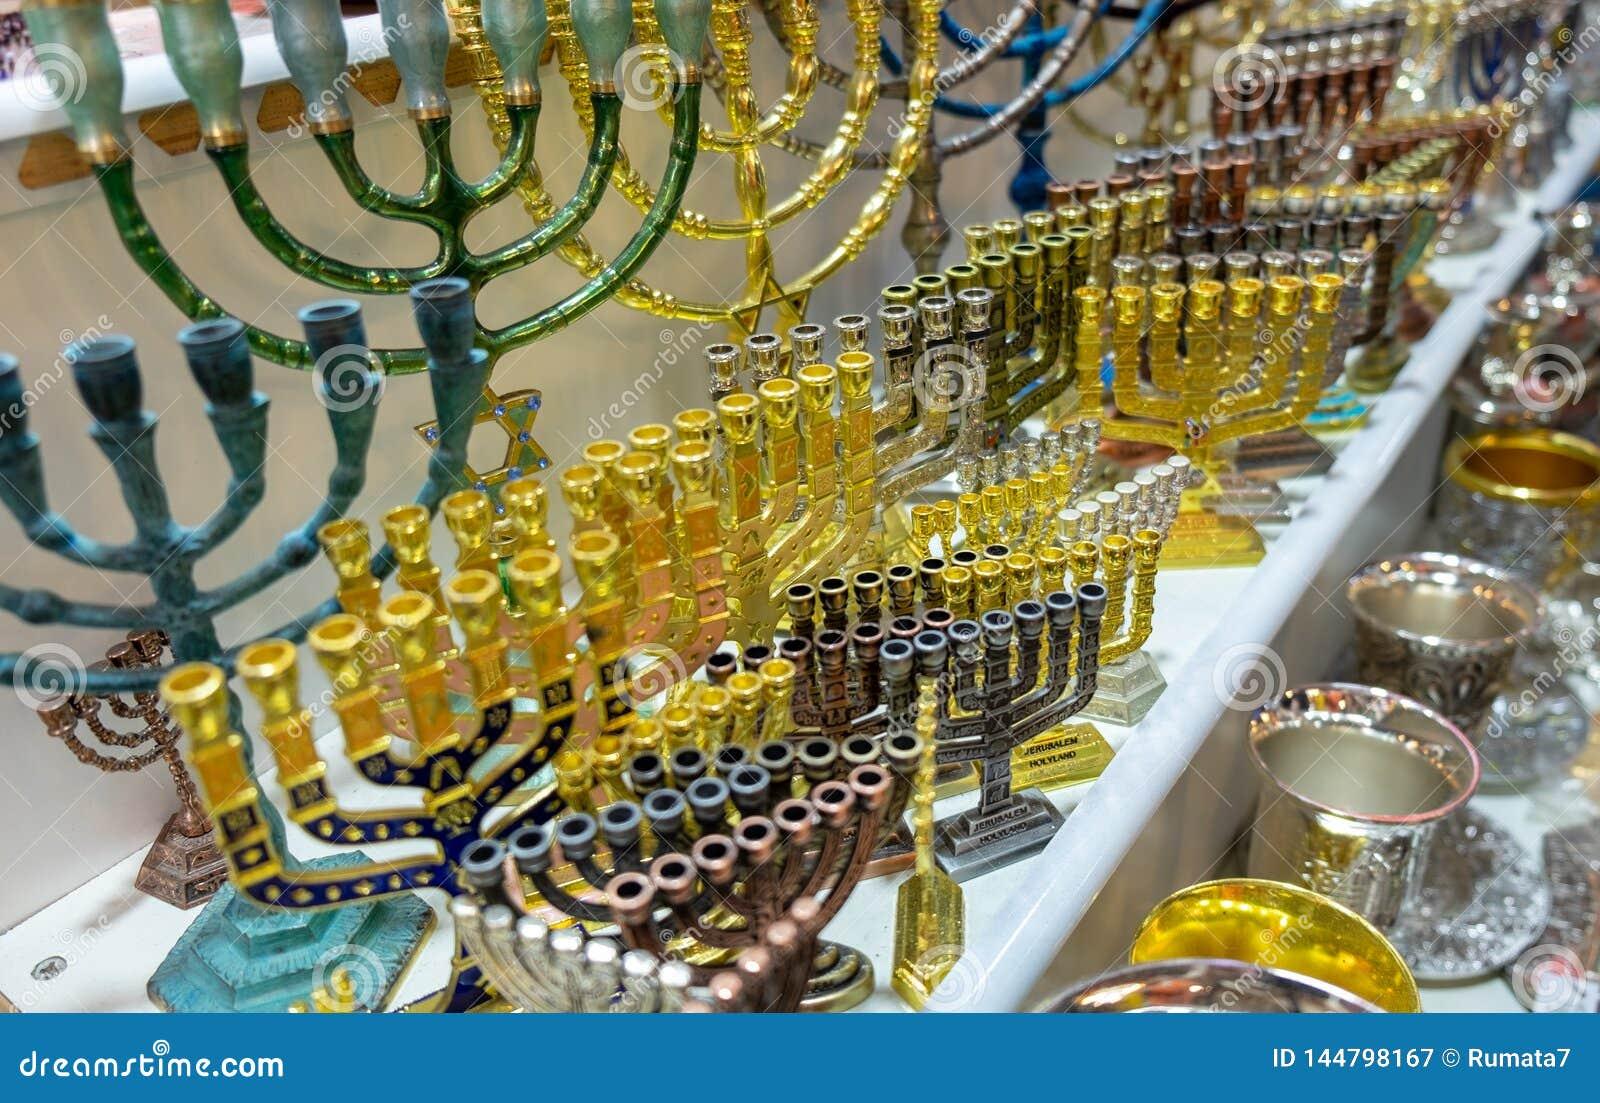 犹太教灯台,用于当代犹太寺庙的七灯大烛台,待售在老市场 r